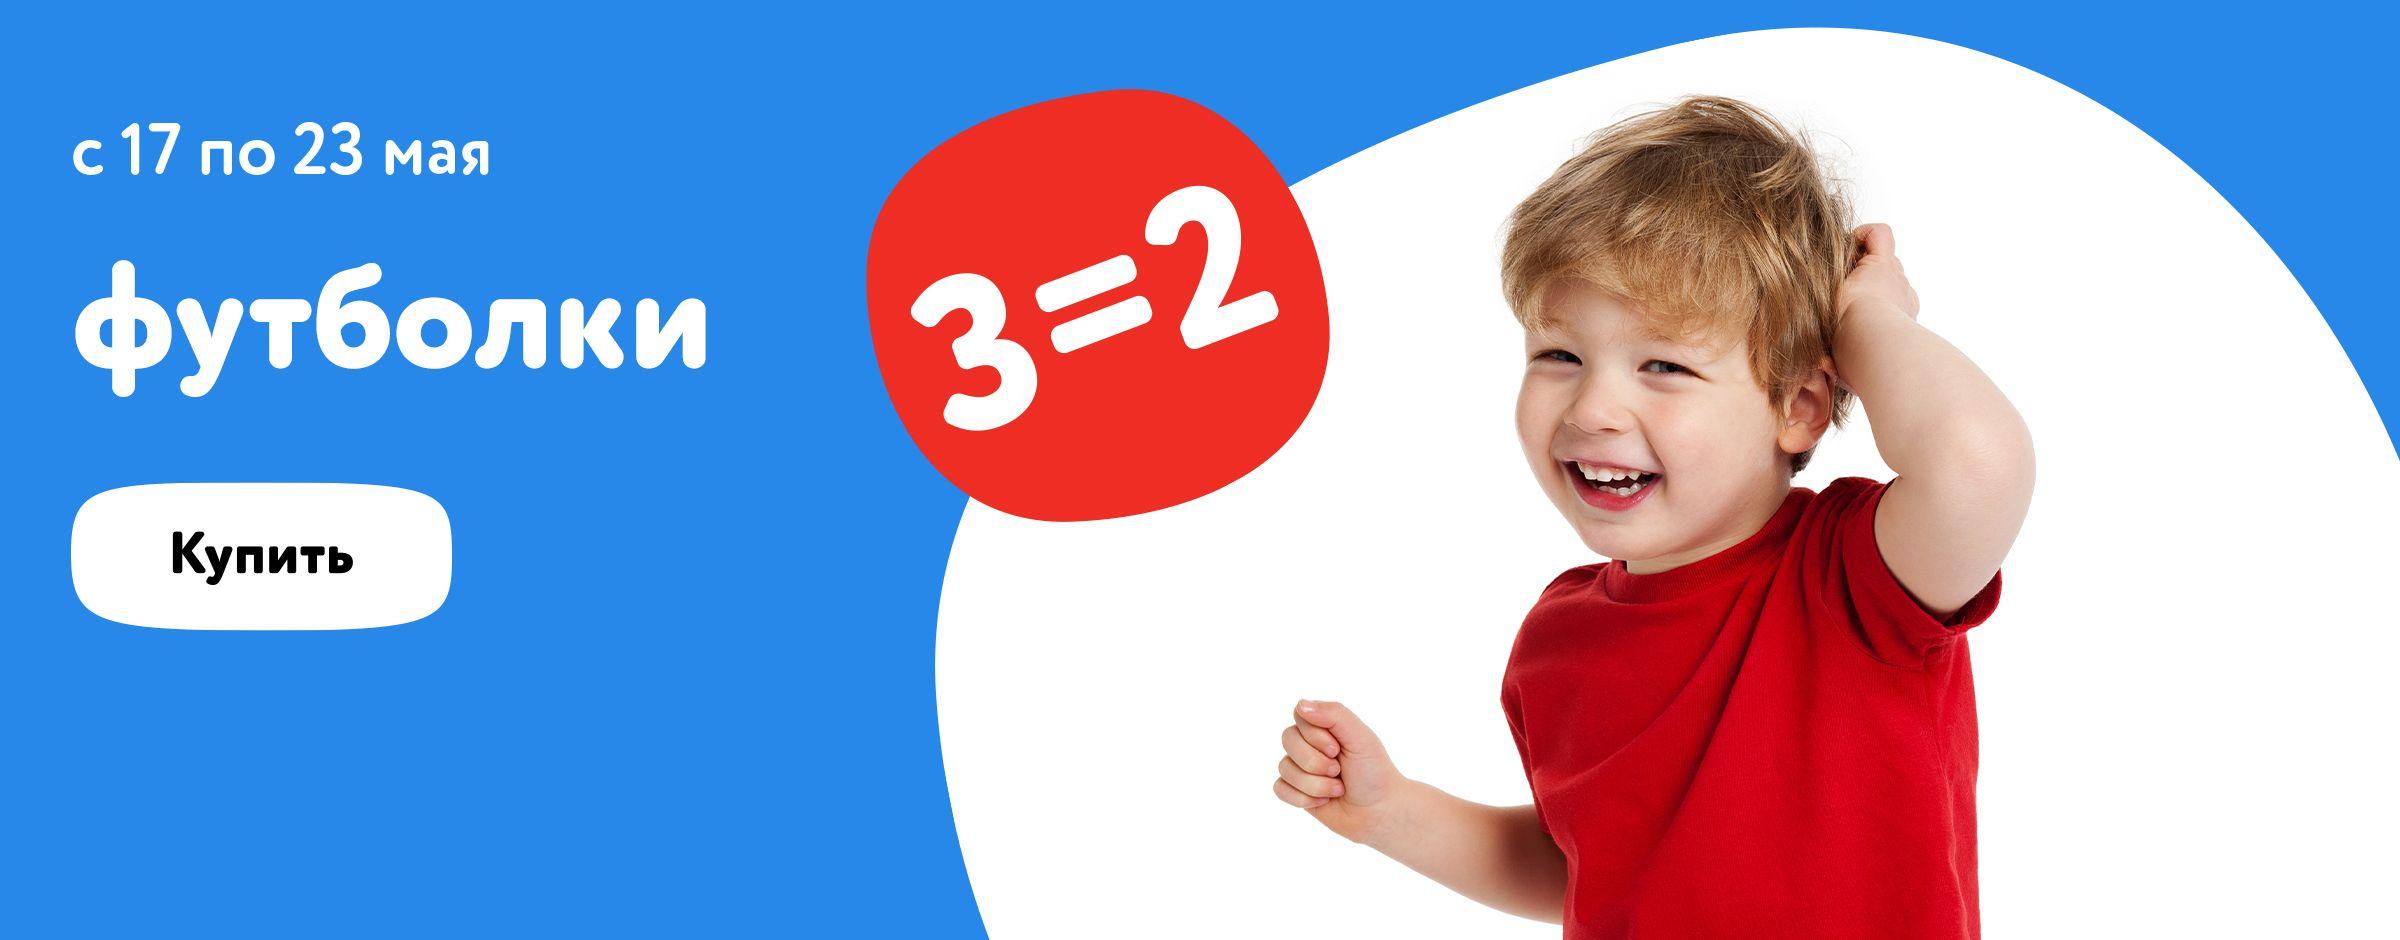 3=2 на футболки из выделенного ассортимента